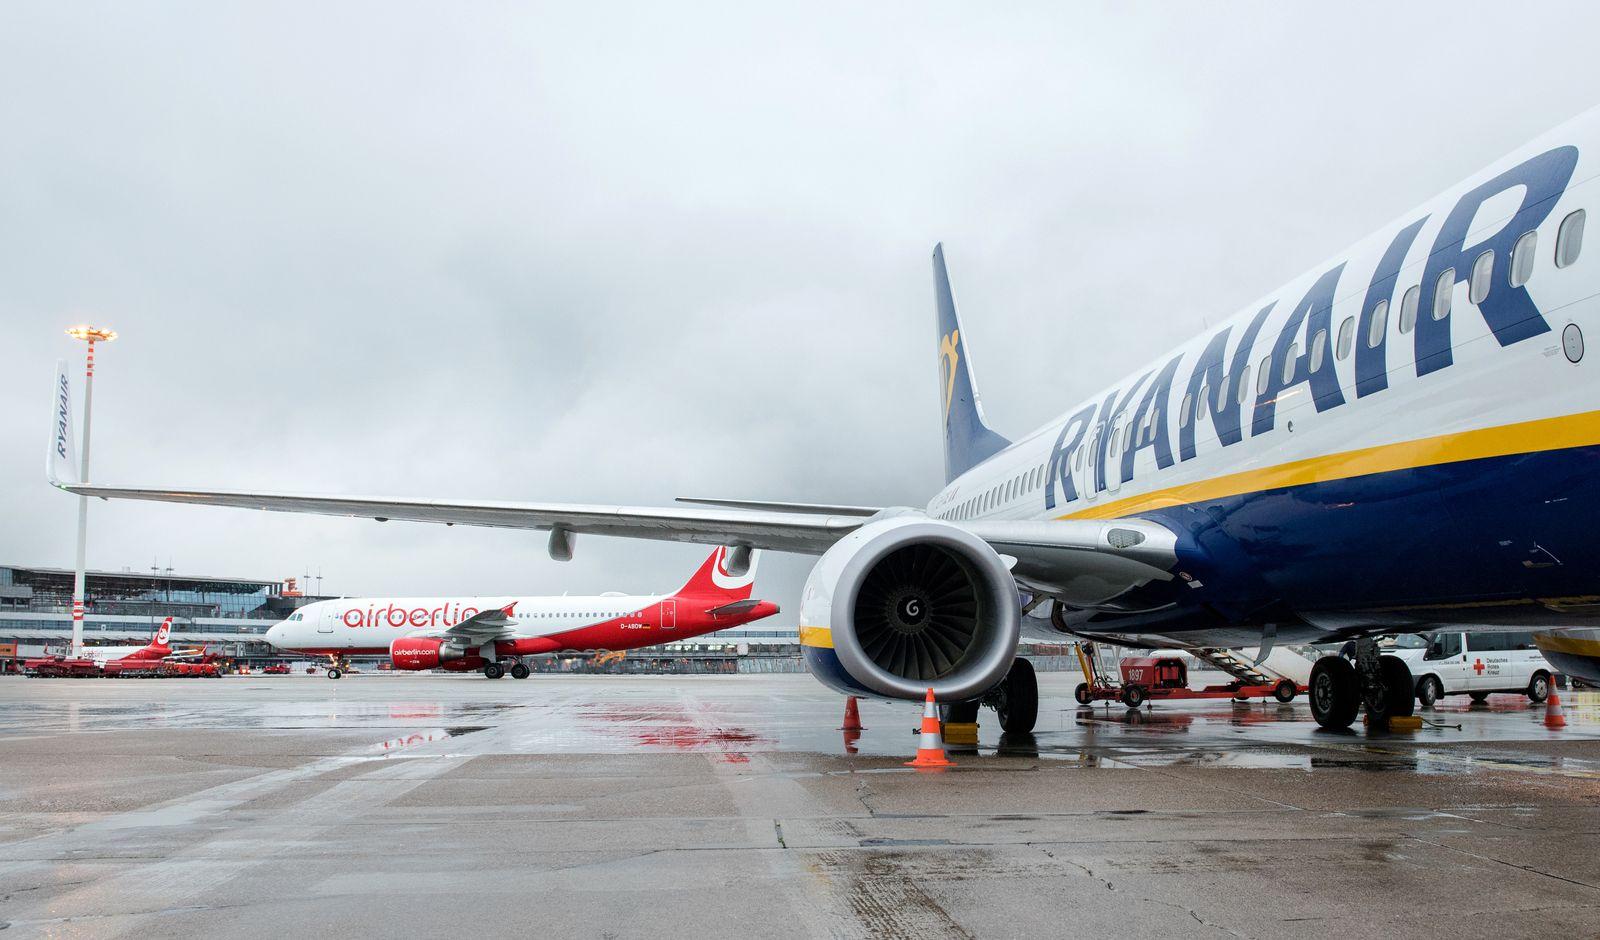 Ryanair / Air Berlin / airberlin